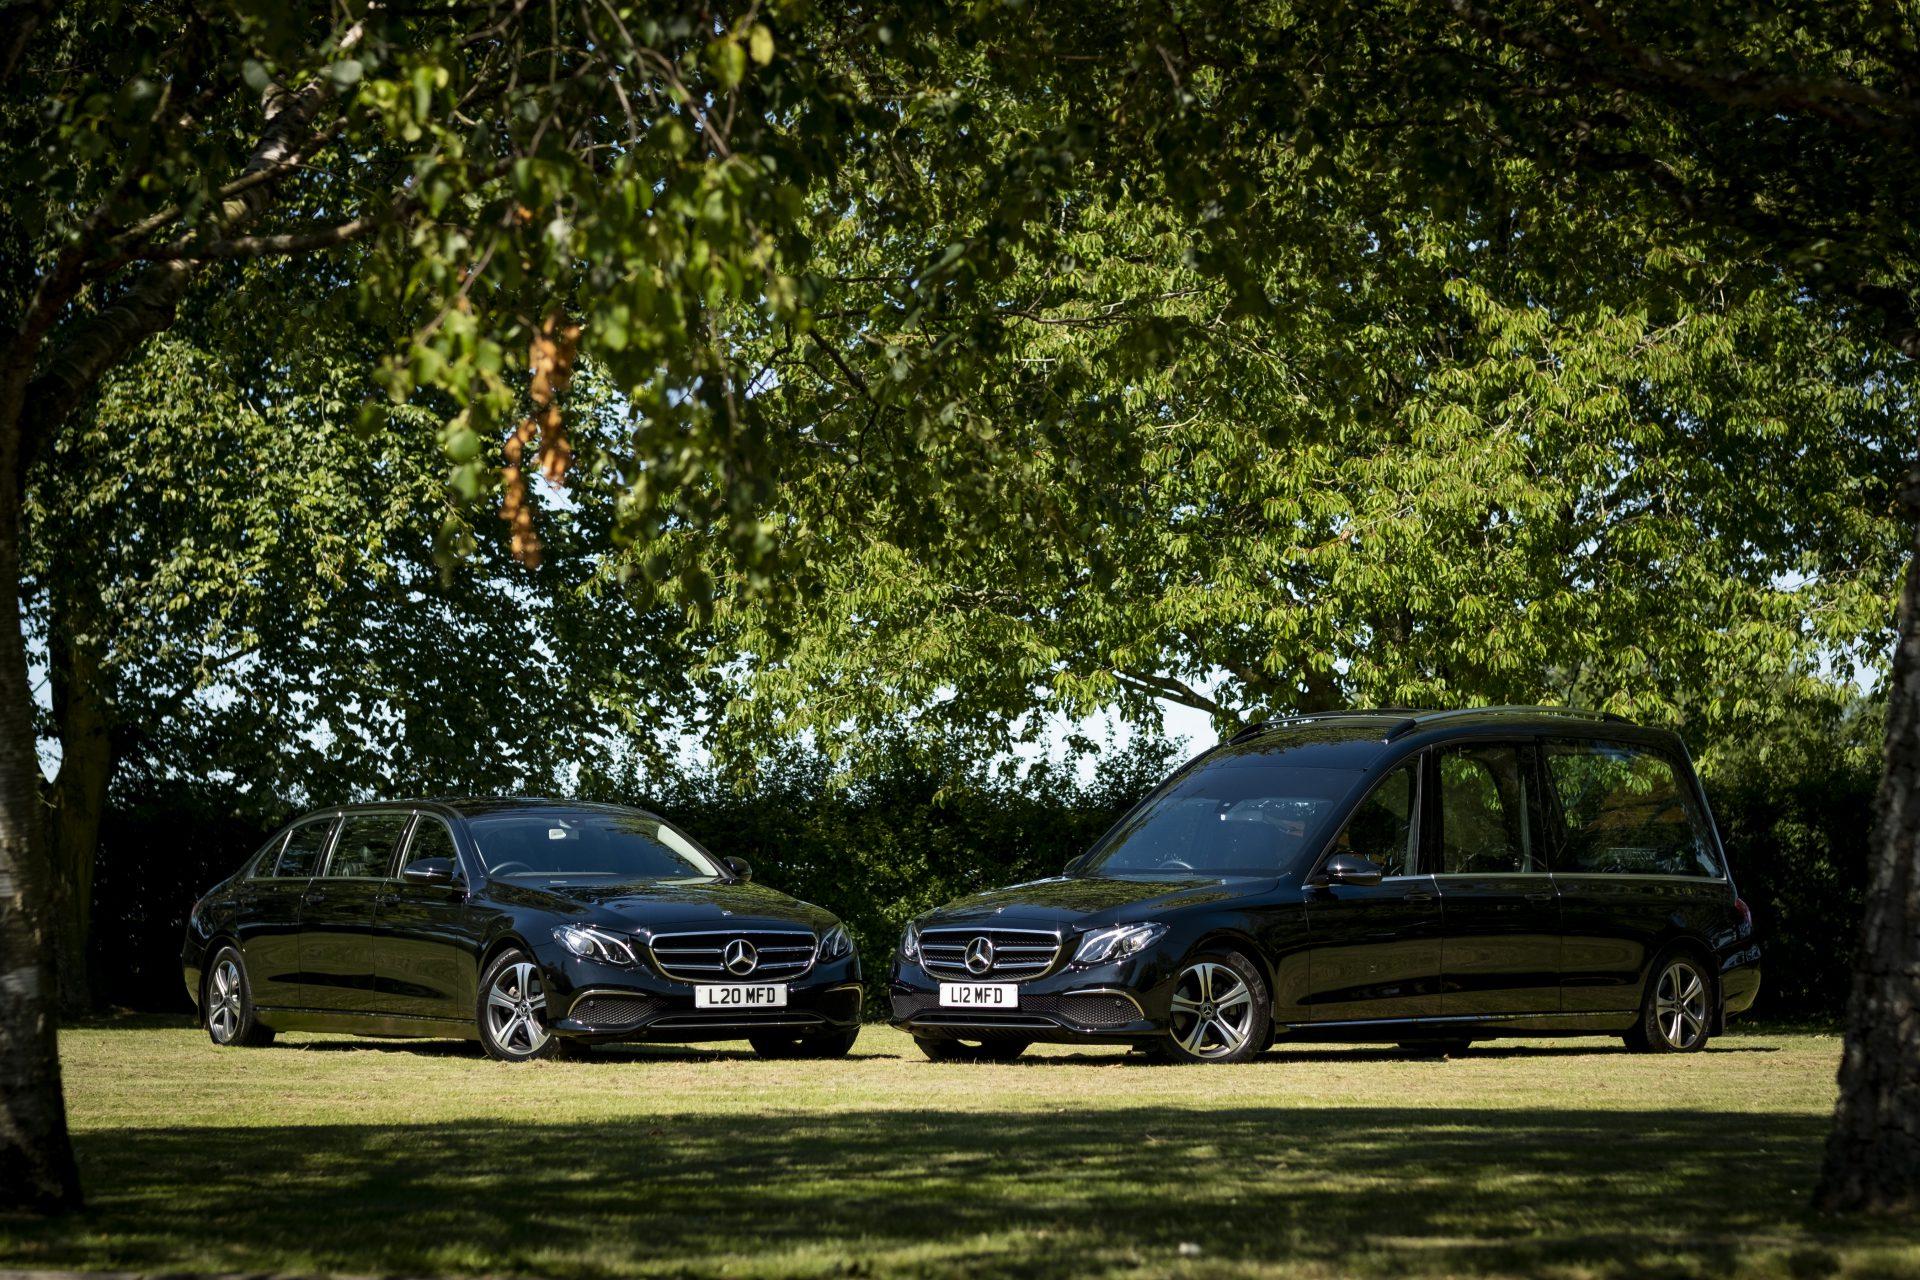 SJ&J Maddocks Funeral Directors hearse cars